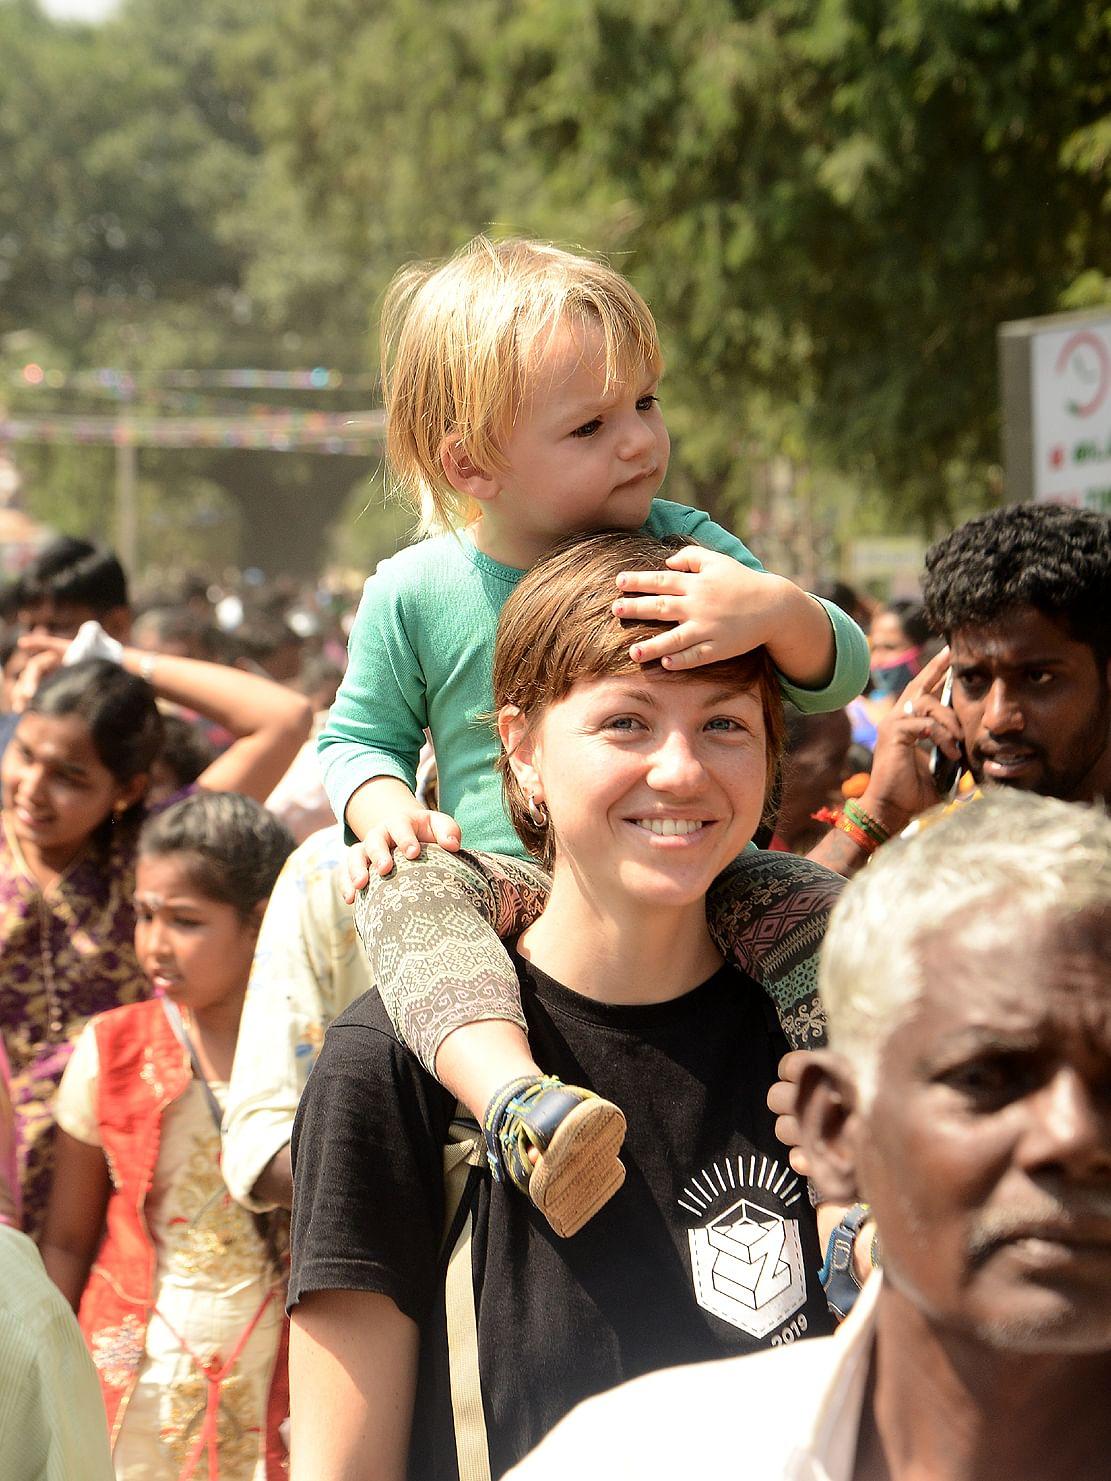 மஞ்சுவிரட்டு - வெளிநாட்டினர்